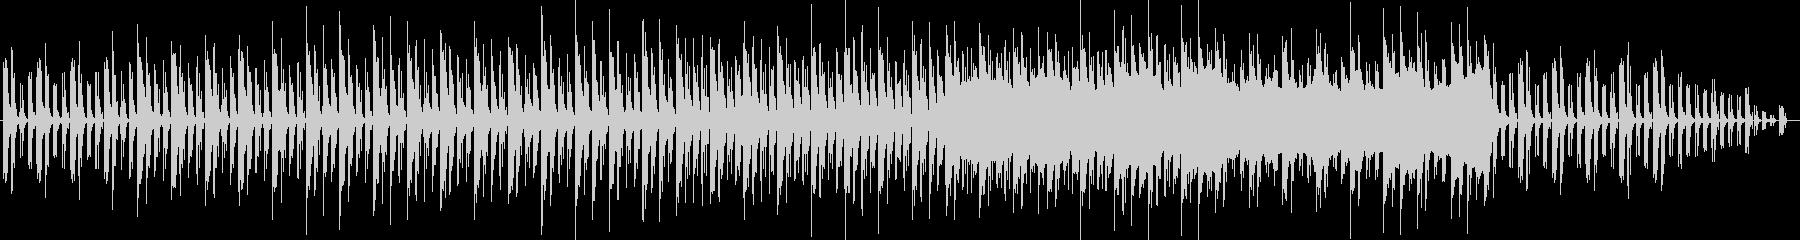 緊張感とシリアスな金属音ピアノサウンドの未再生の波形